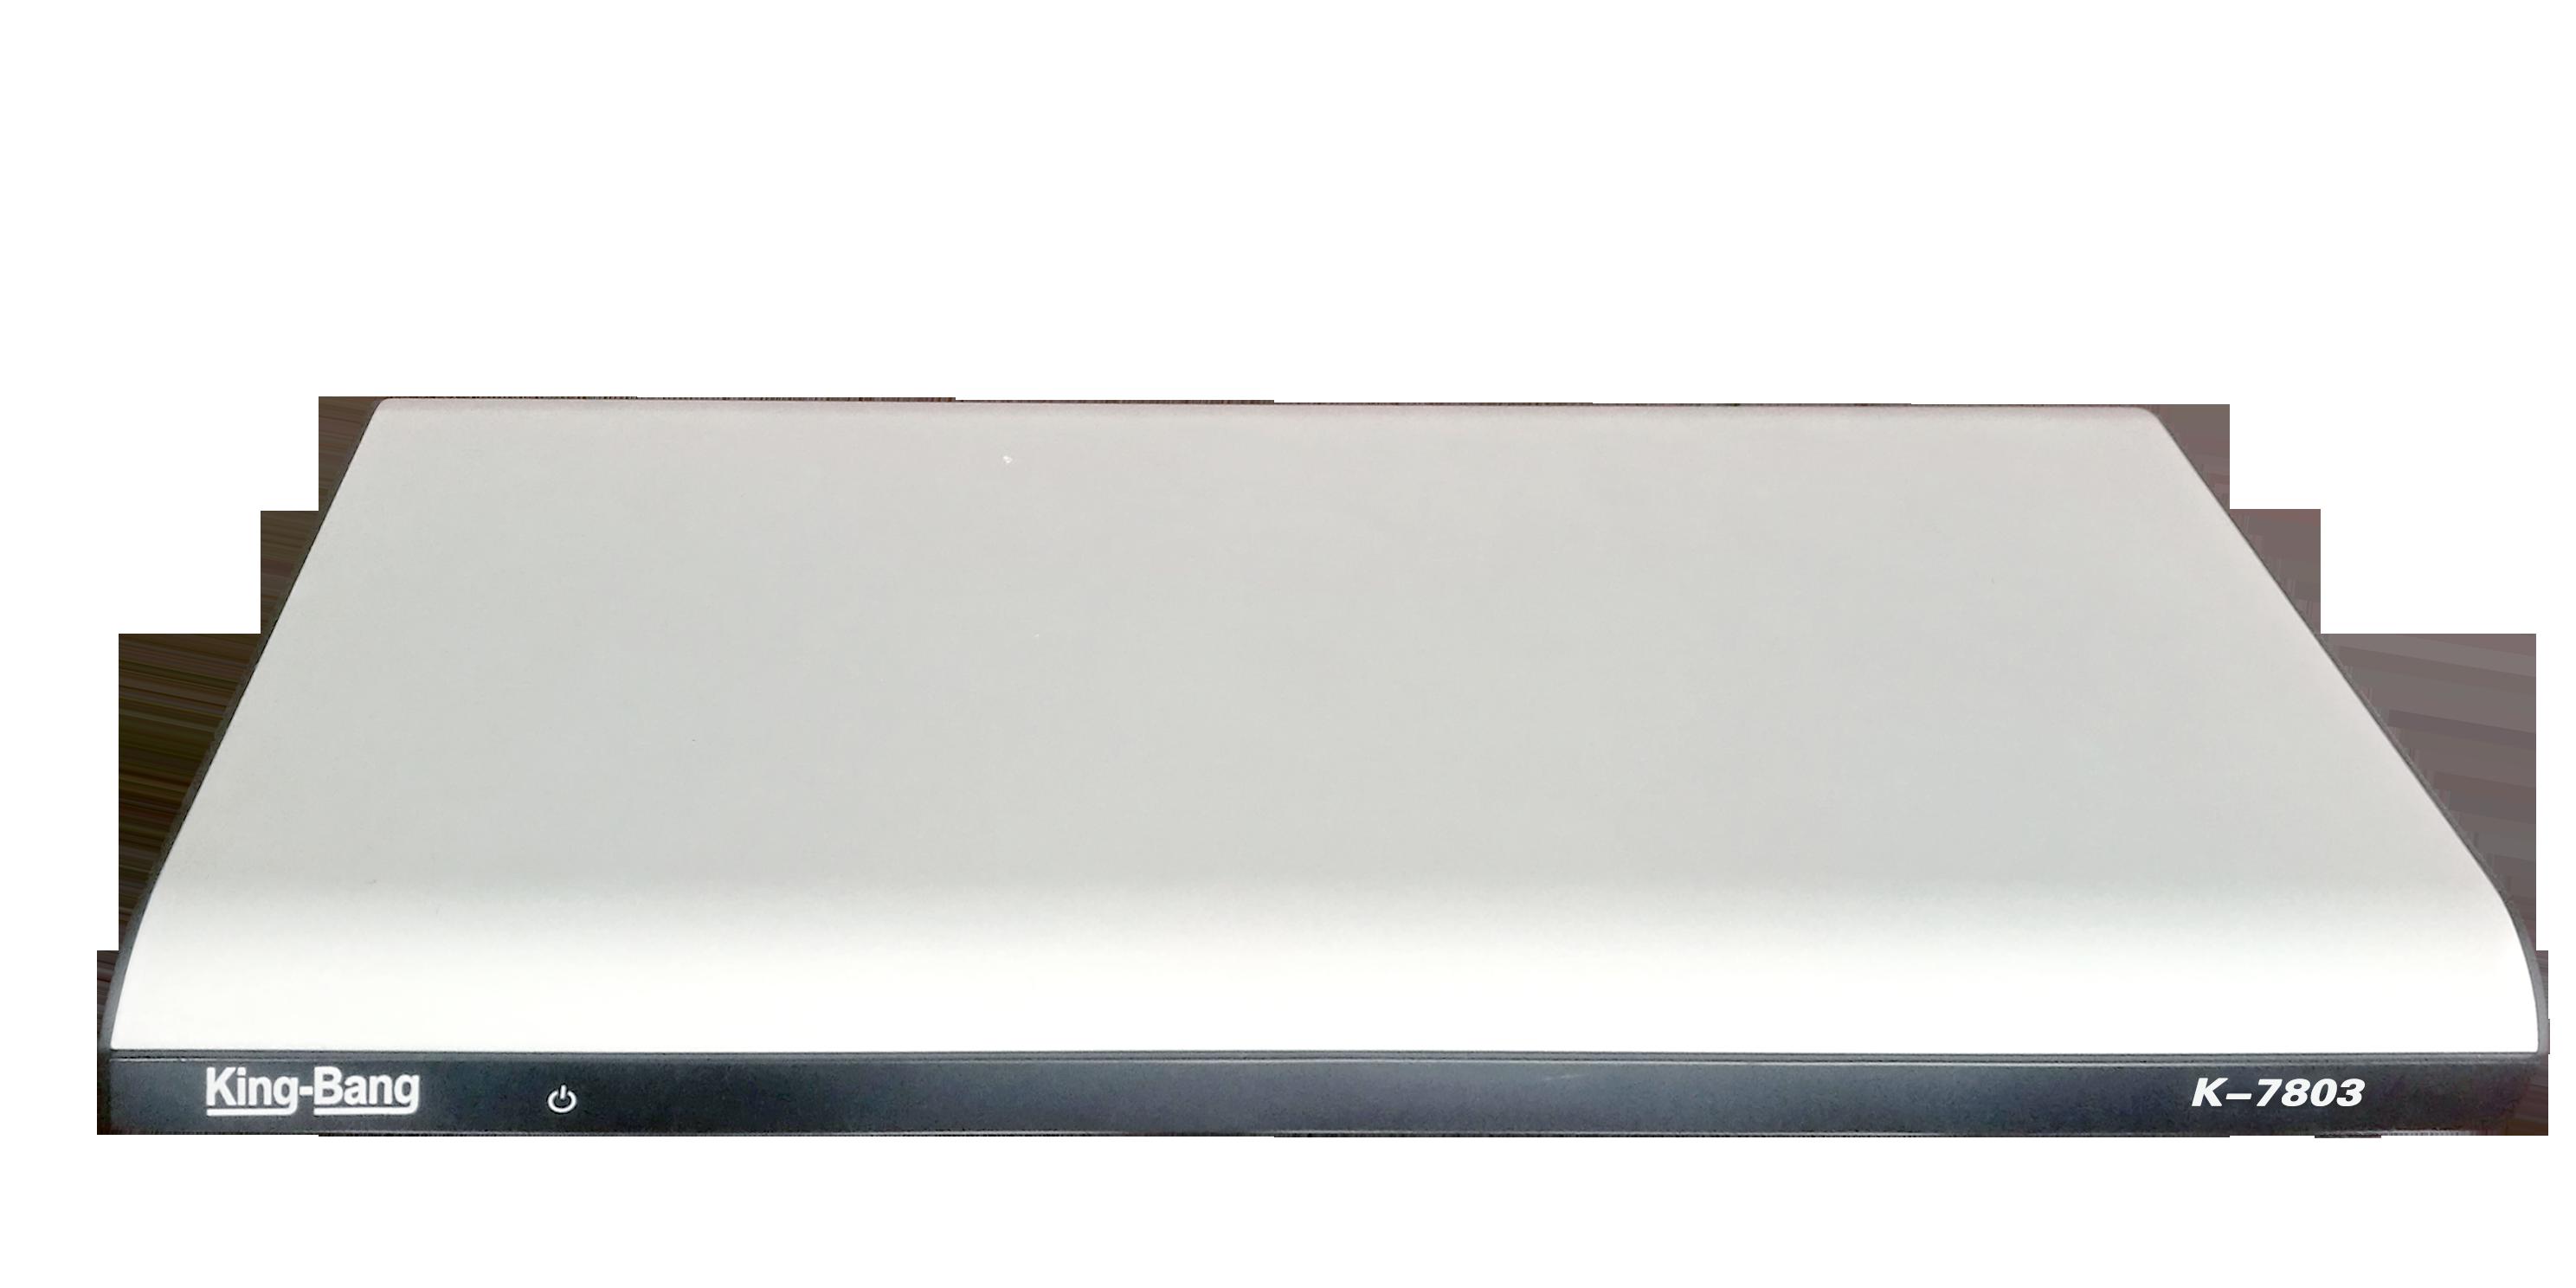 高清会议终端(1080P)K-7803